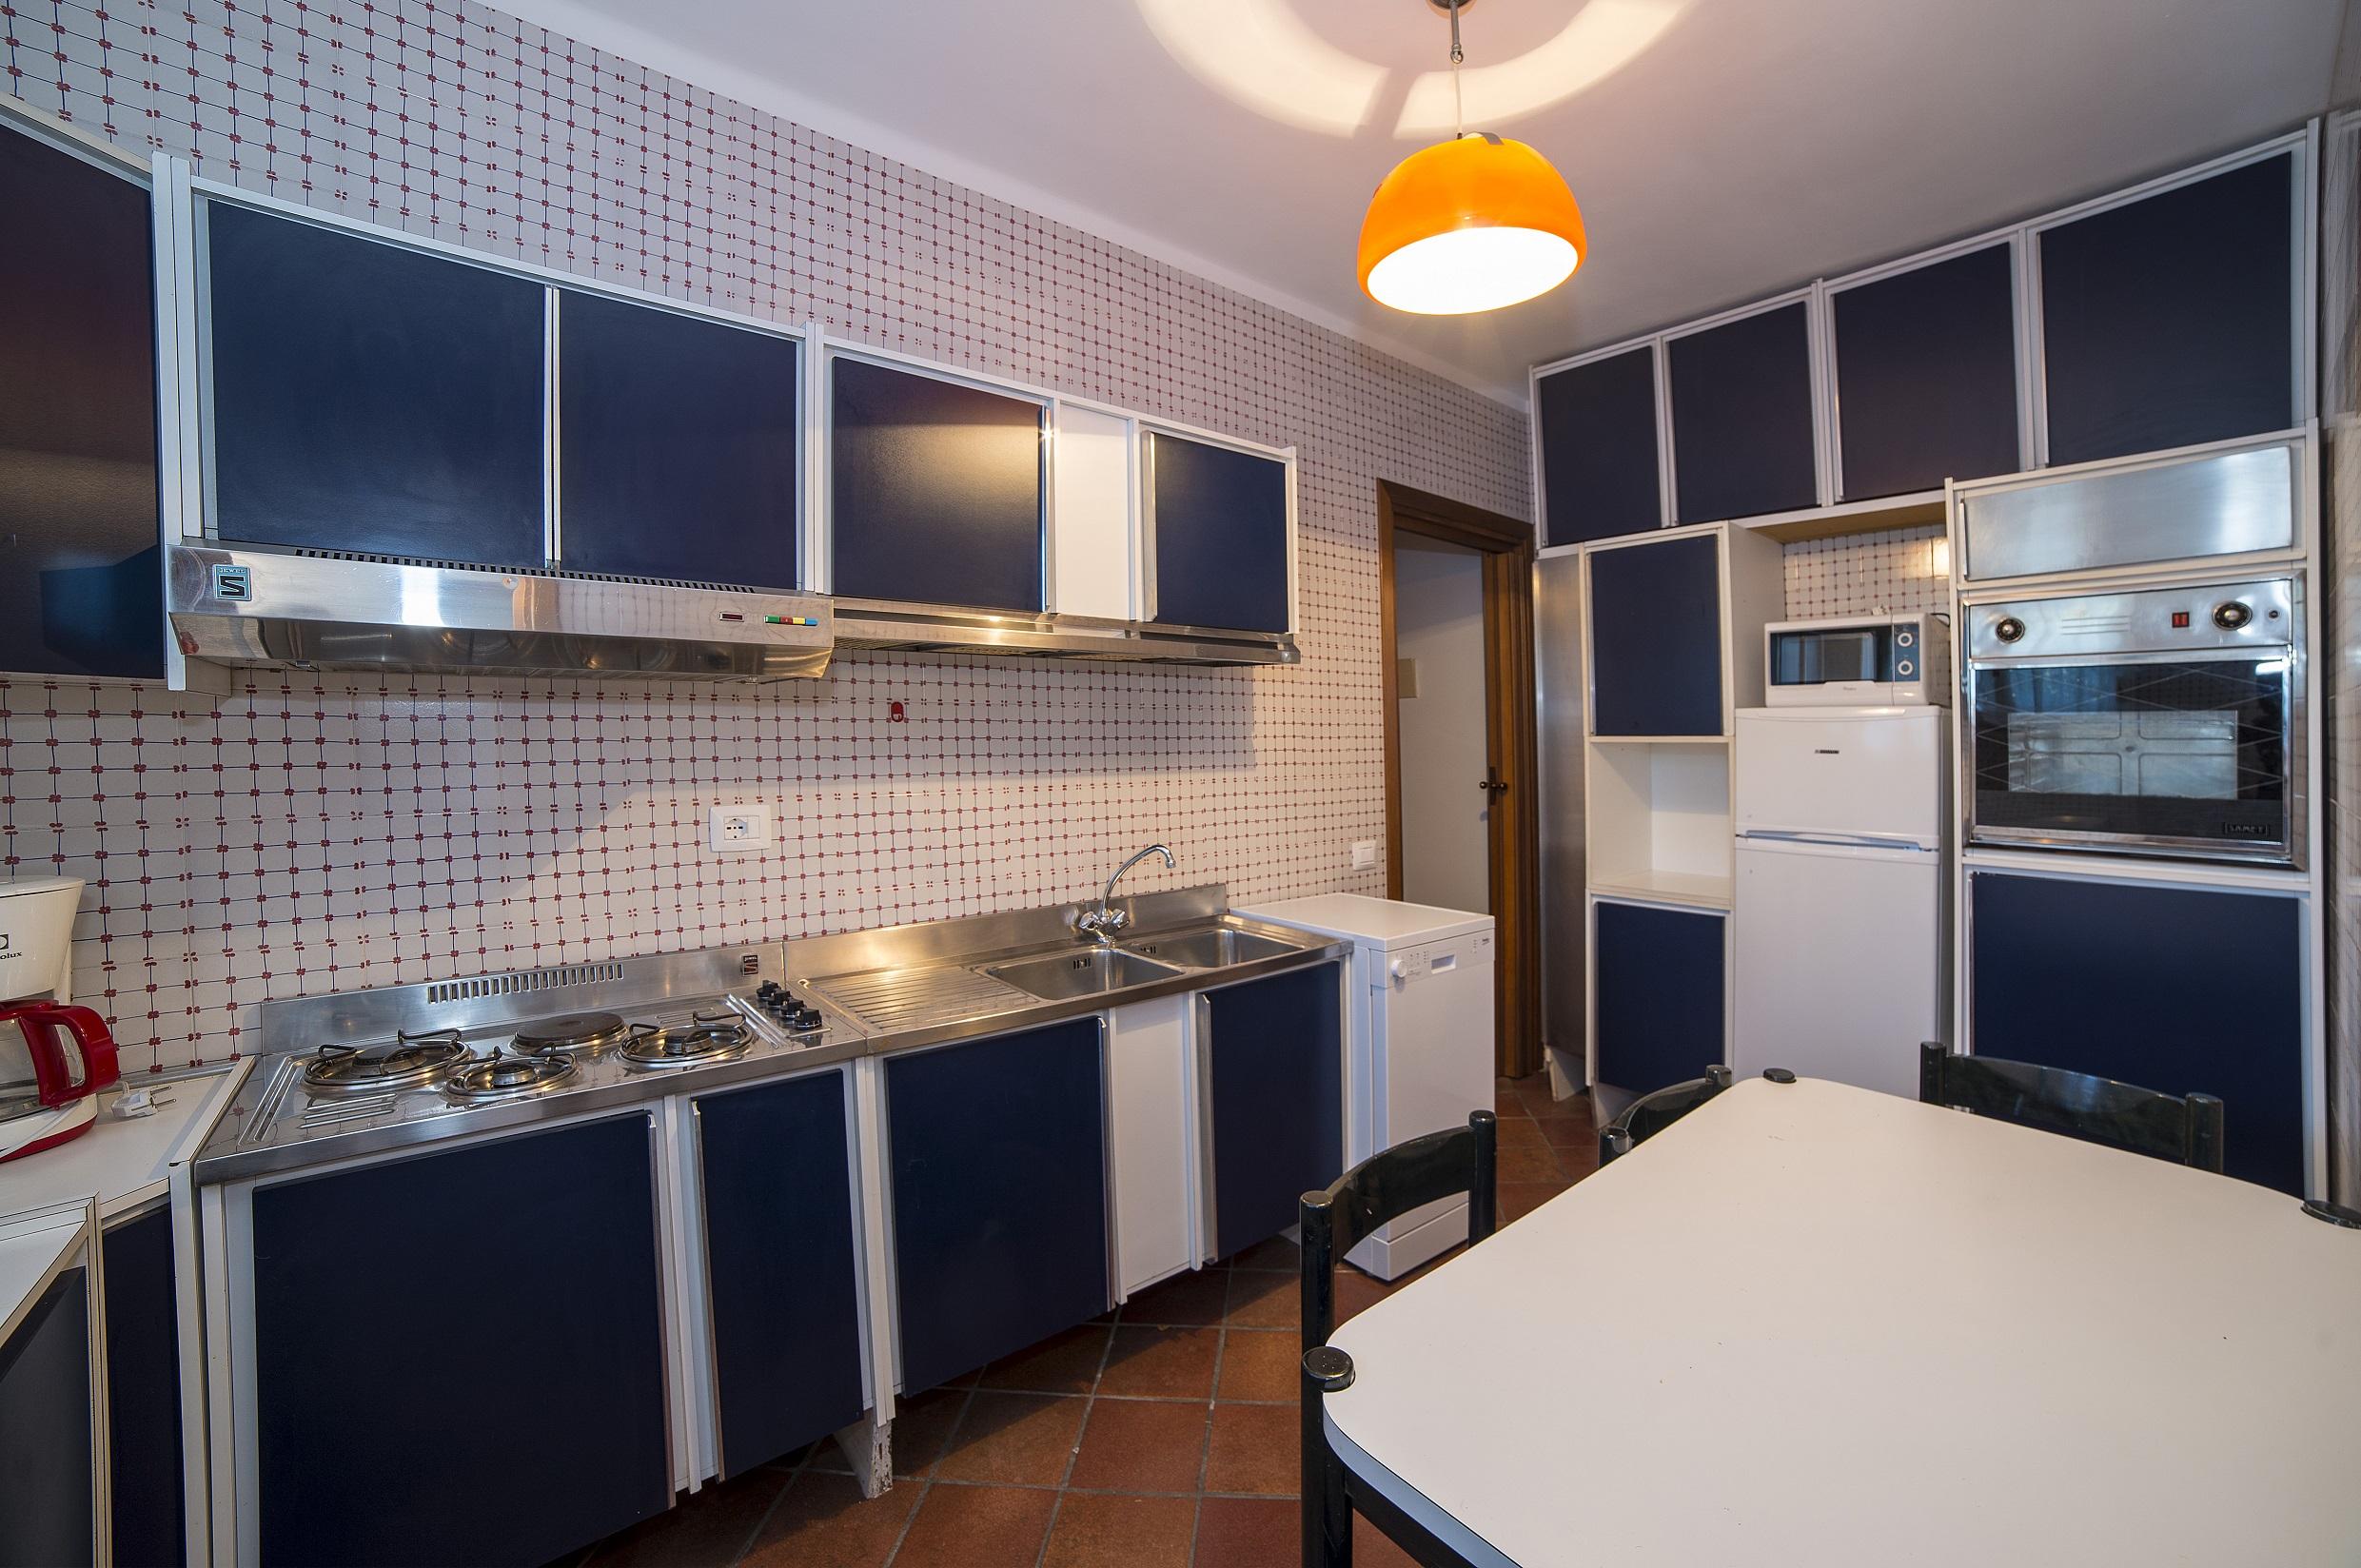 cucina 15.jpg